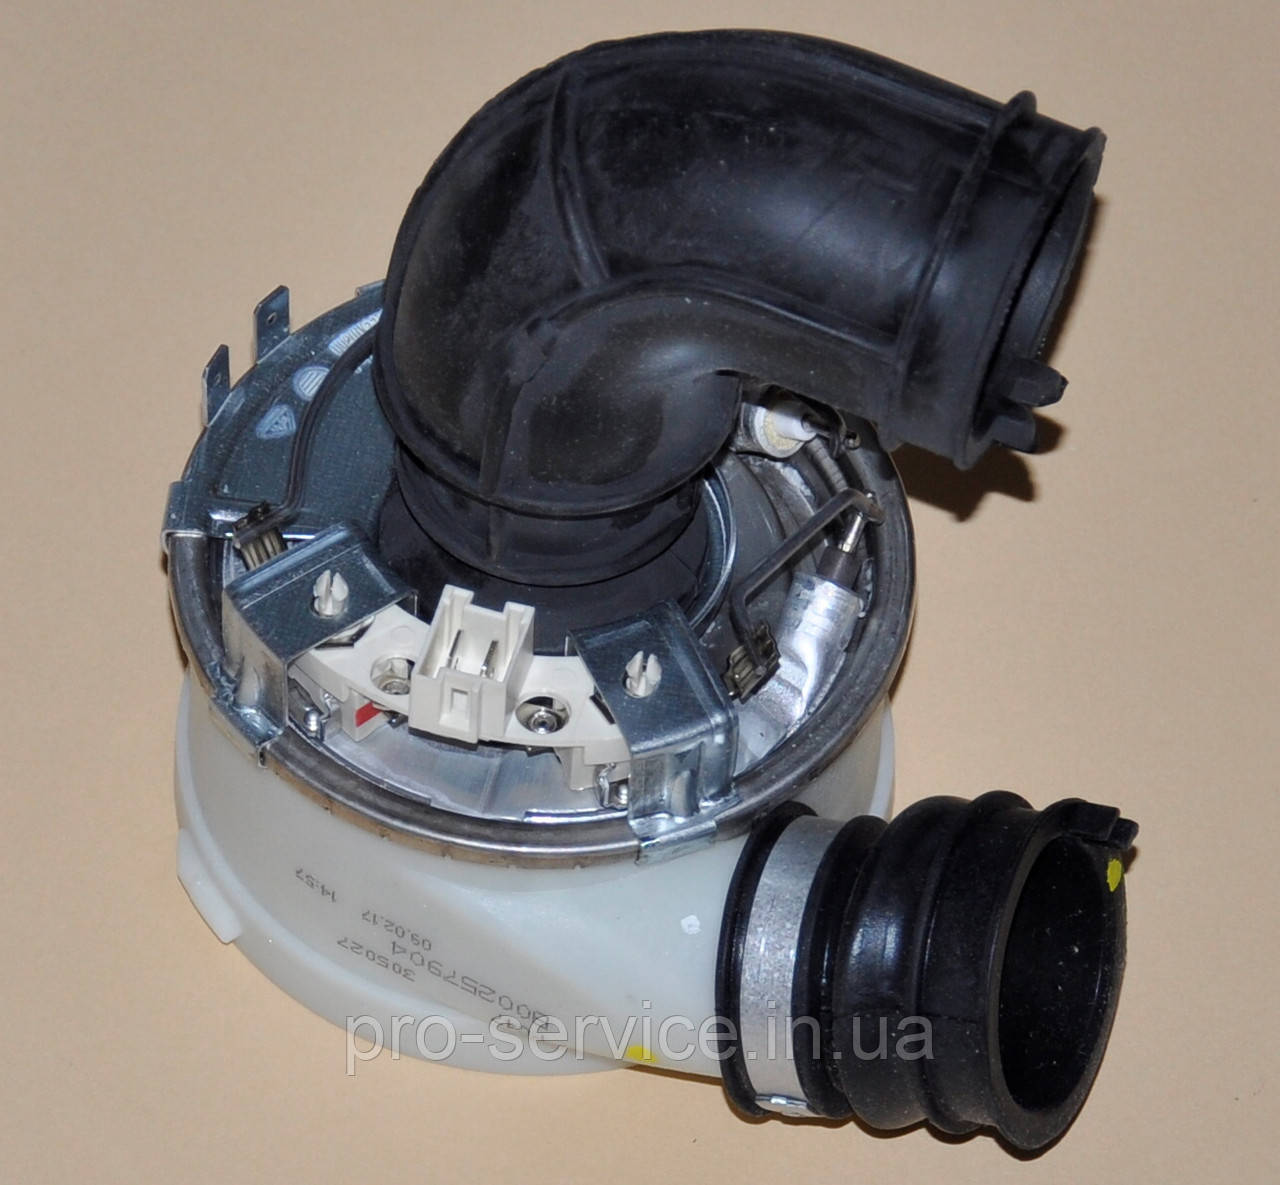 ТЭН C00257904 для посудомоечных машин Ariston, Indesit